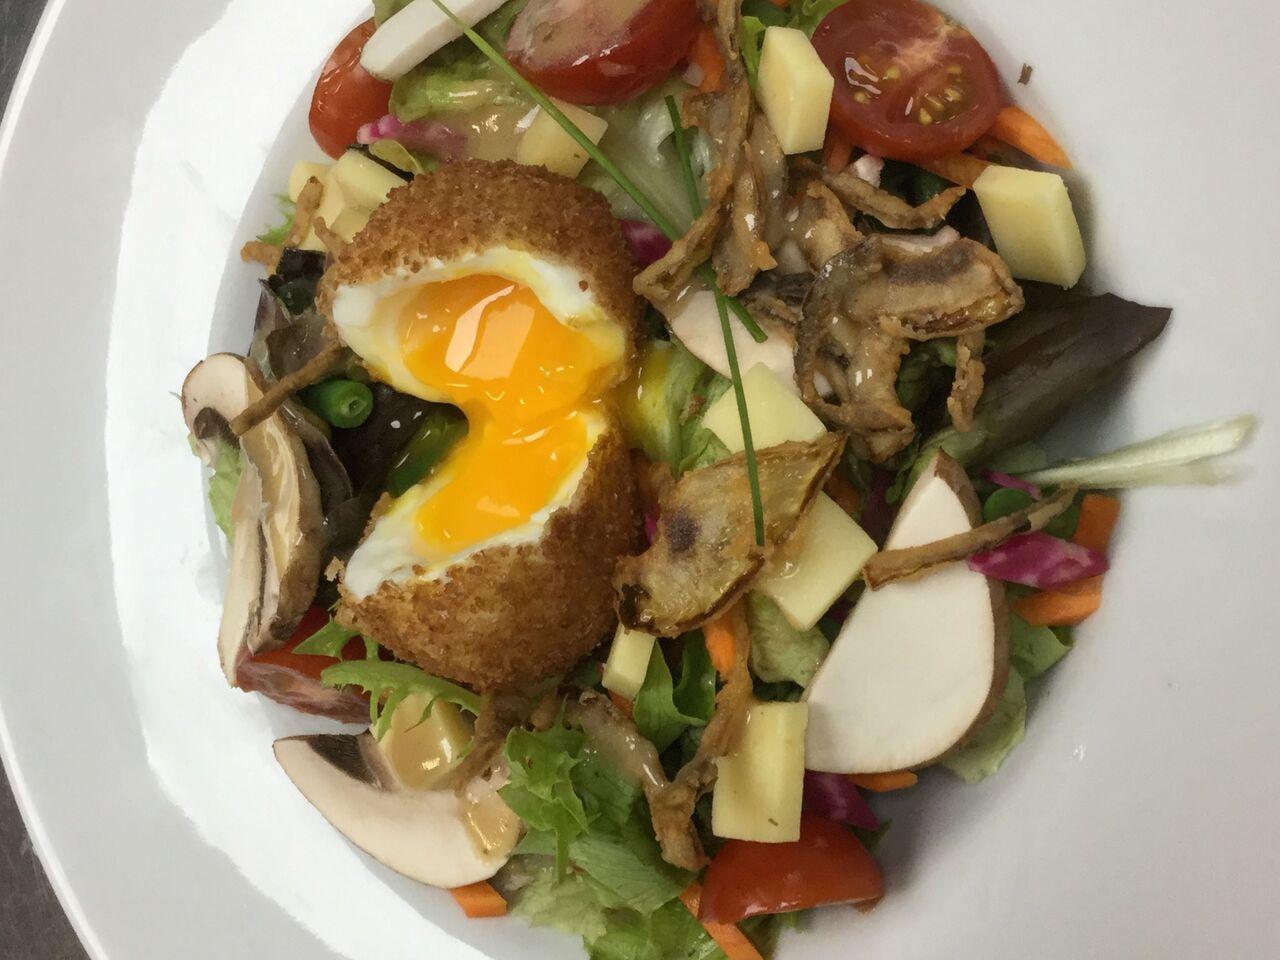 œuf mollet en friture,salade de champignons et oignon frit